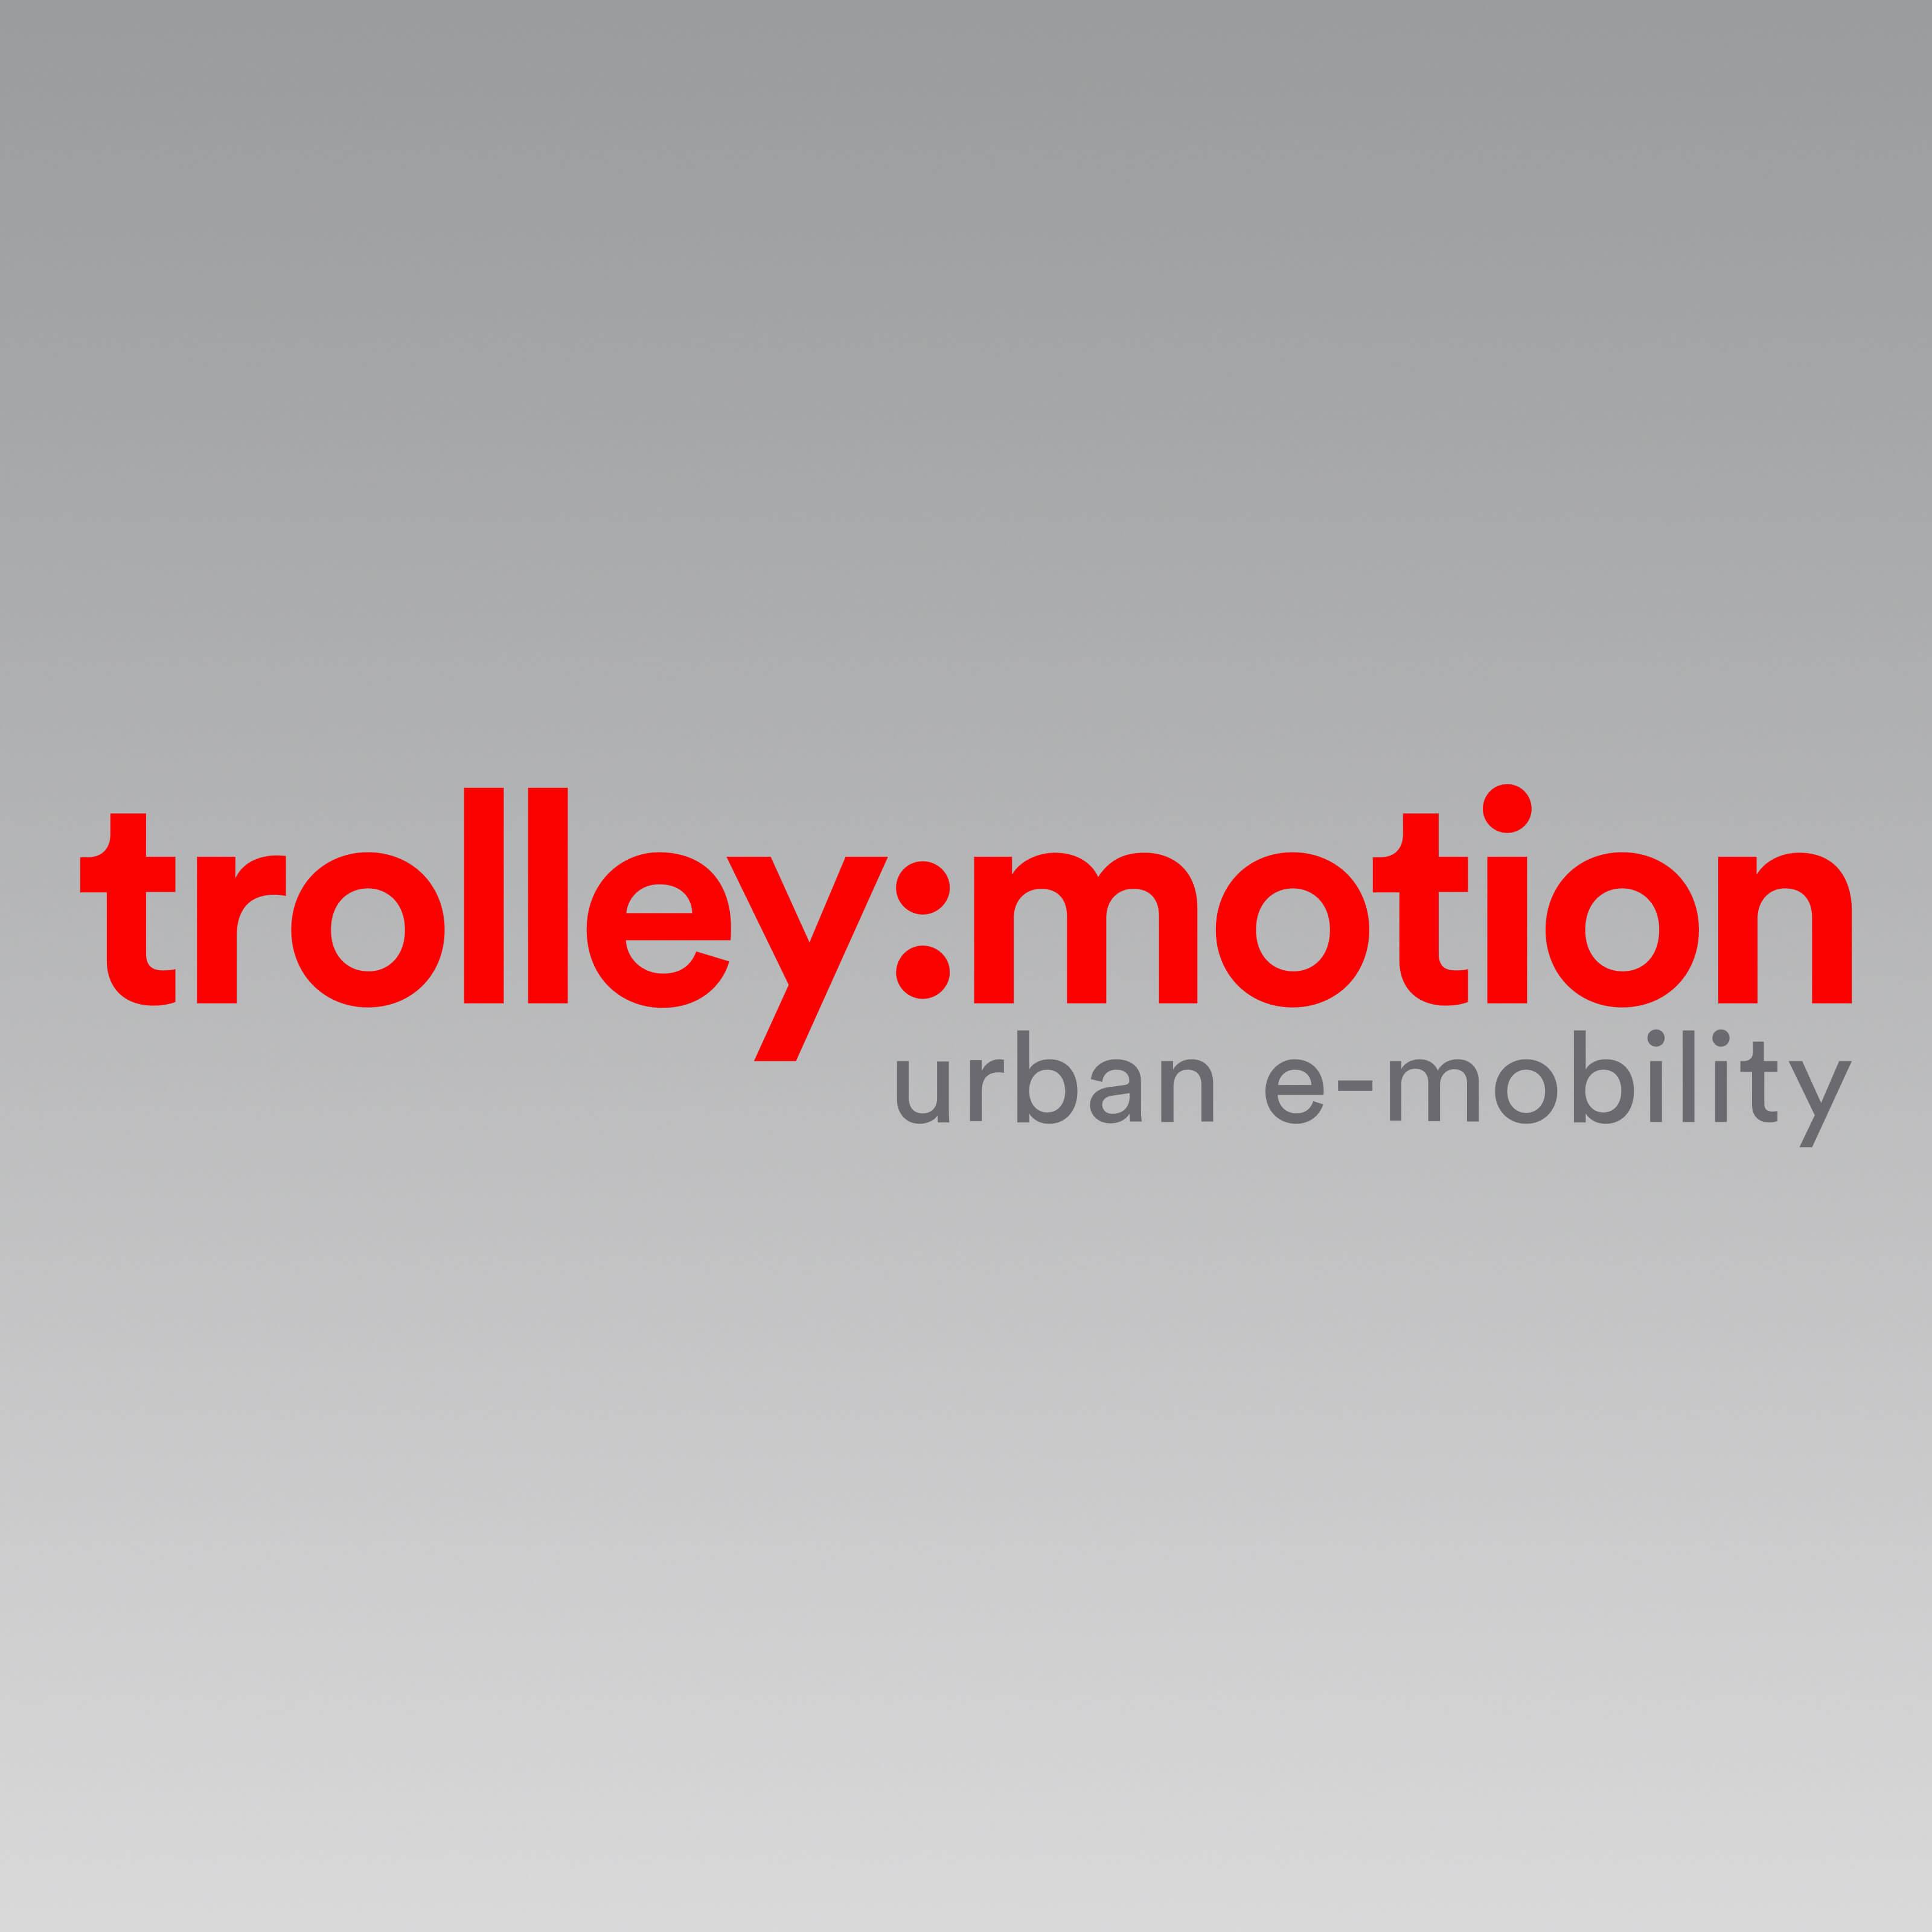 trolley:motion Logo